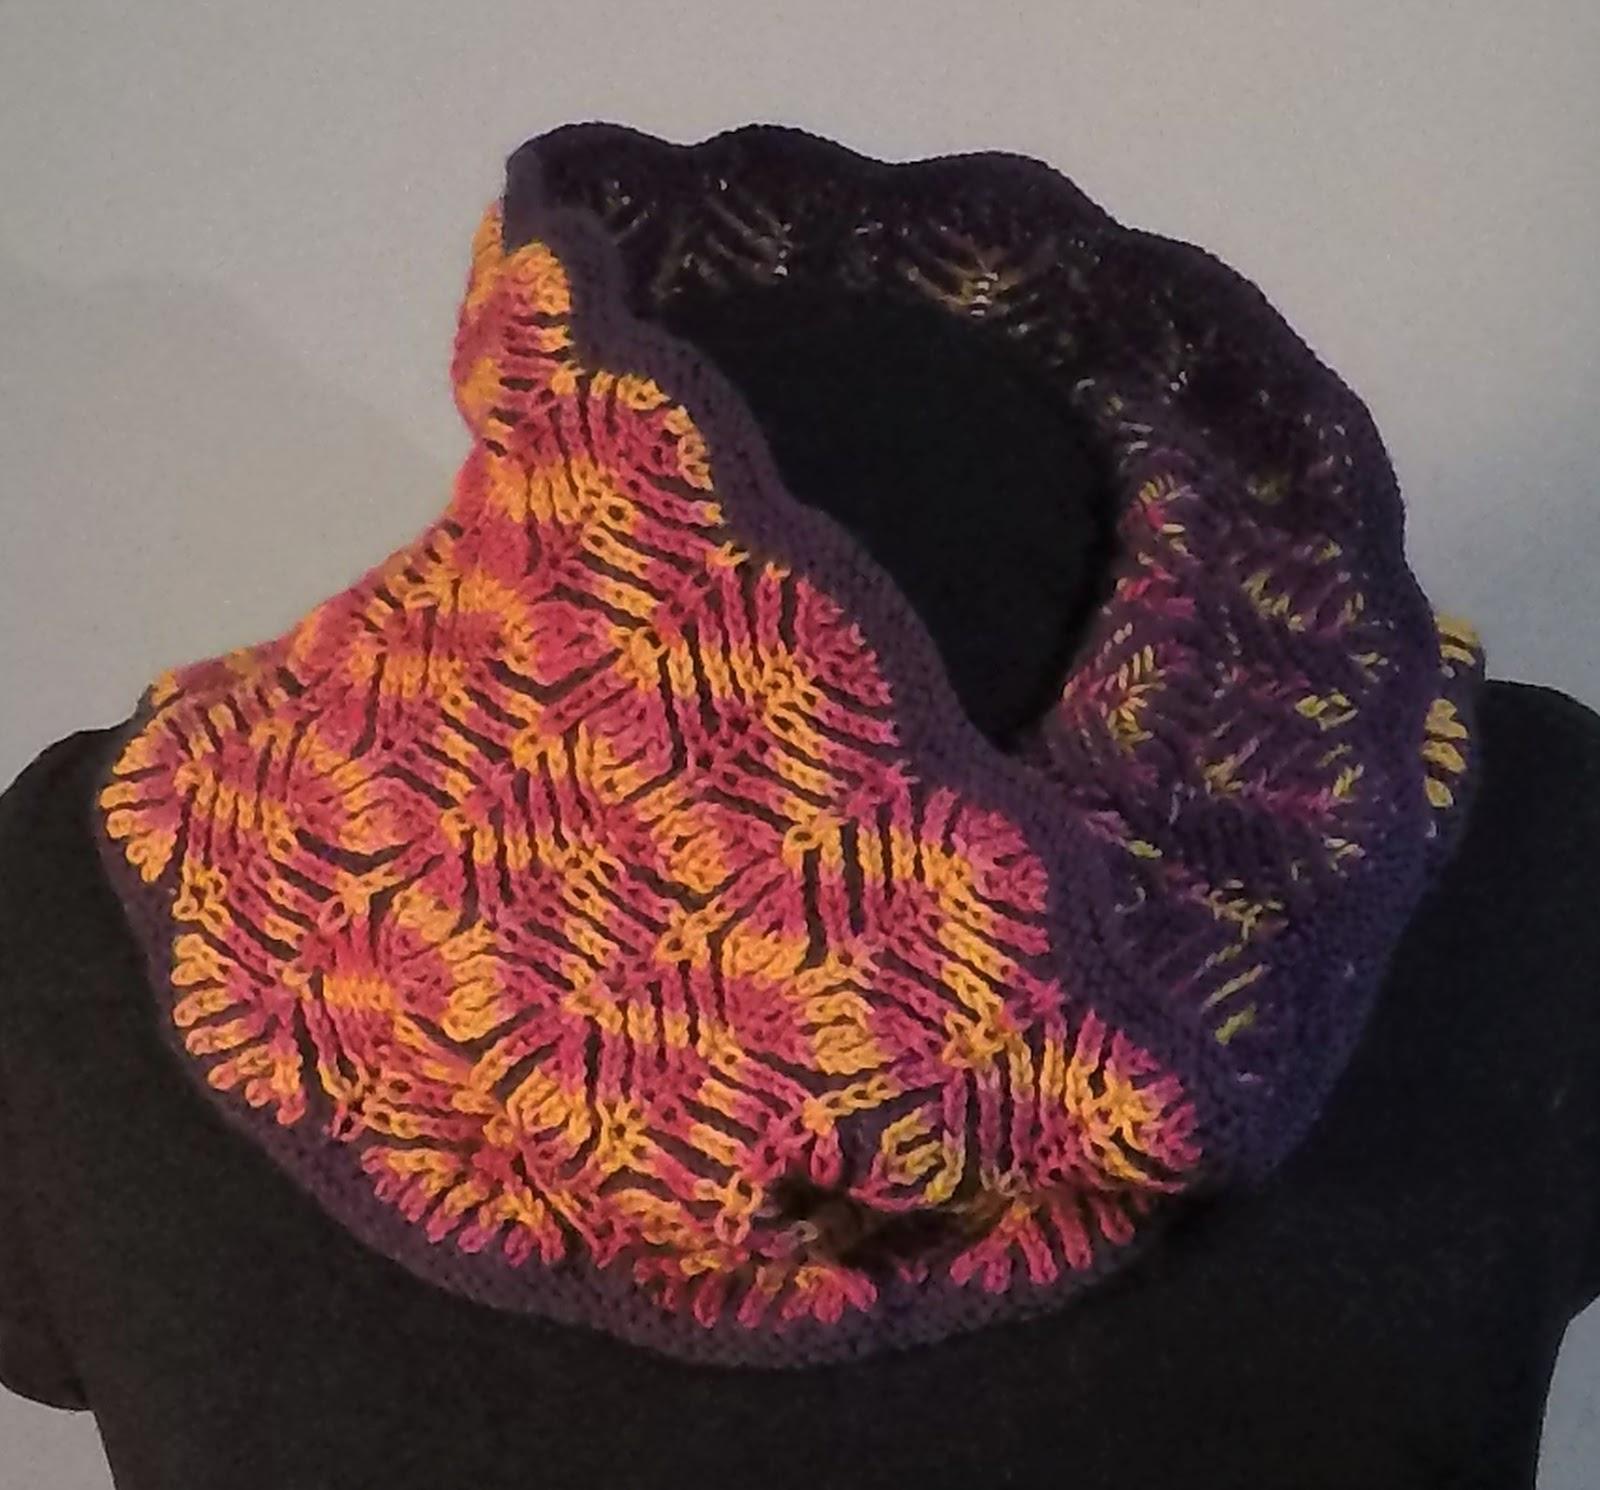 Knitting Emporium: How to knit decreases in brioche stitch when ...